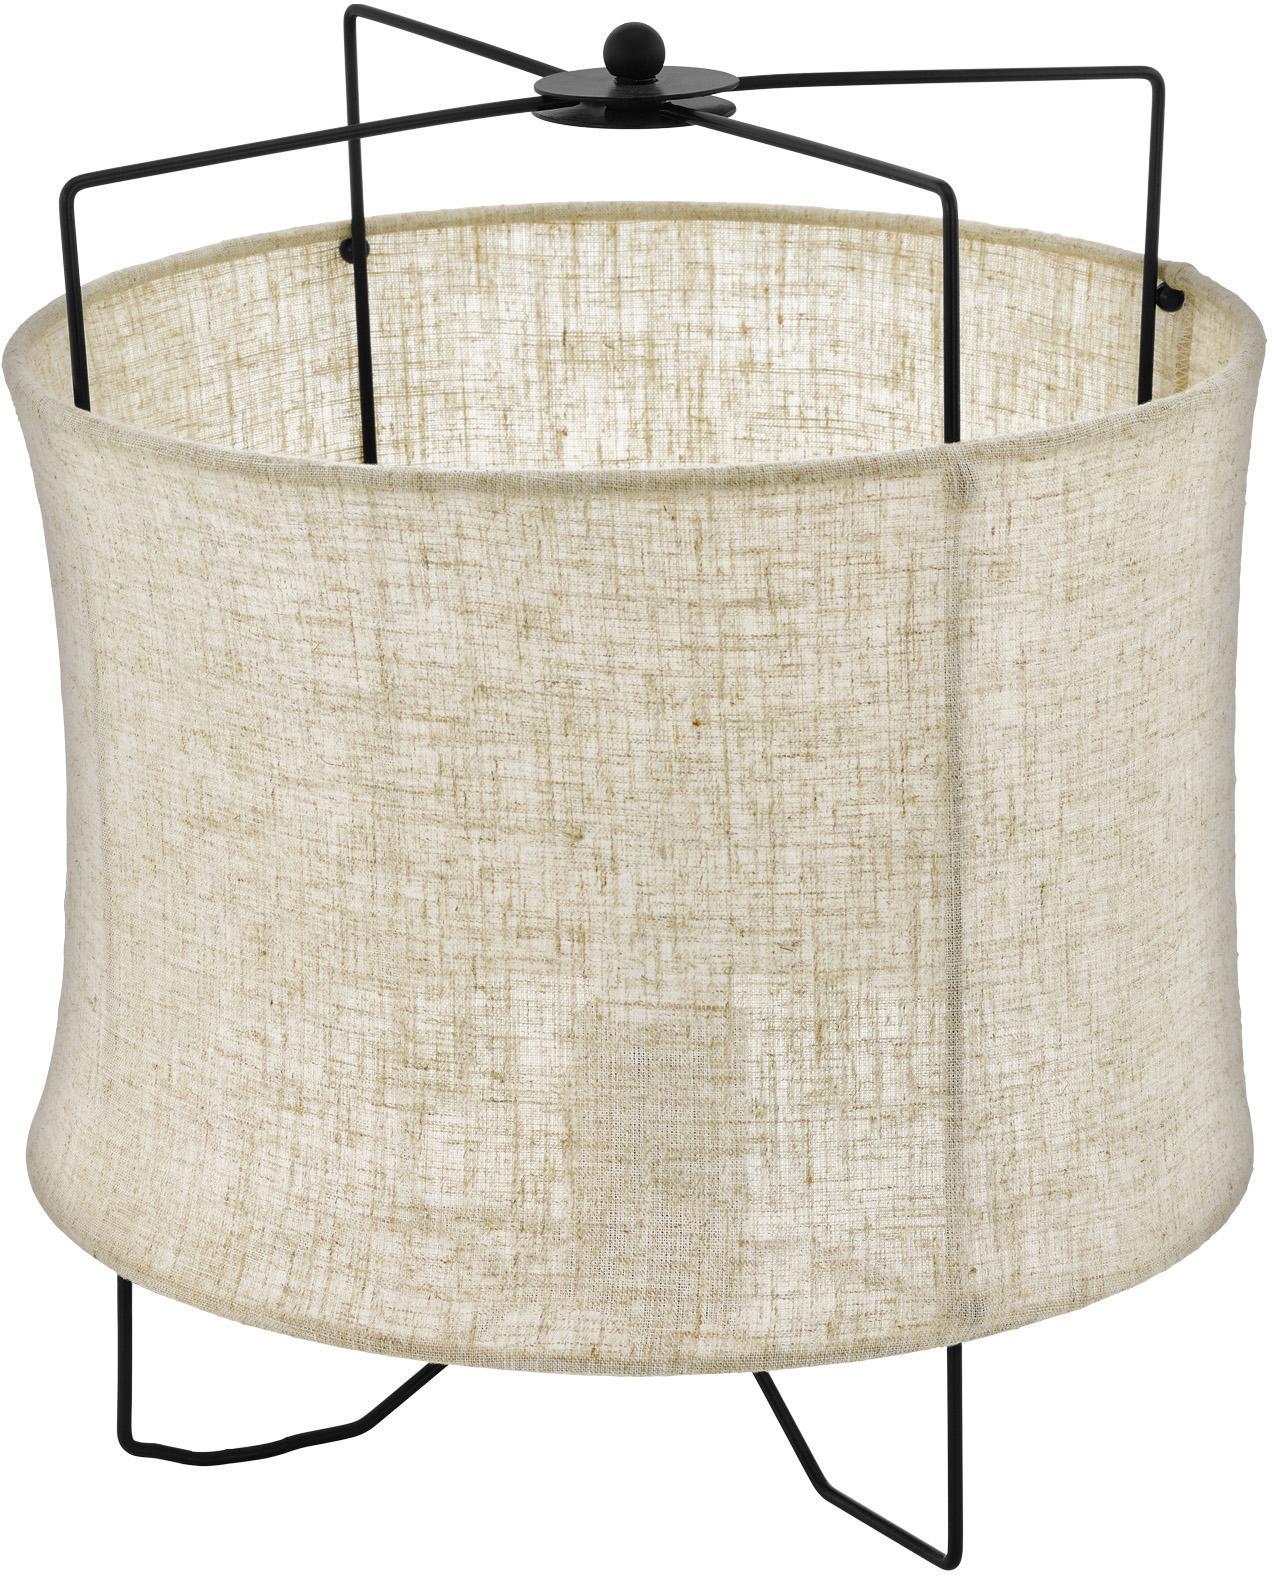 Lámpara de mesa Bridekirk, Pantalla: lino, Estructura: metal pintado, Cable: plástico, Beige, Ø 30 x Al 34 cm